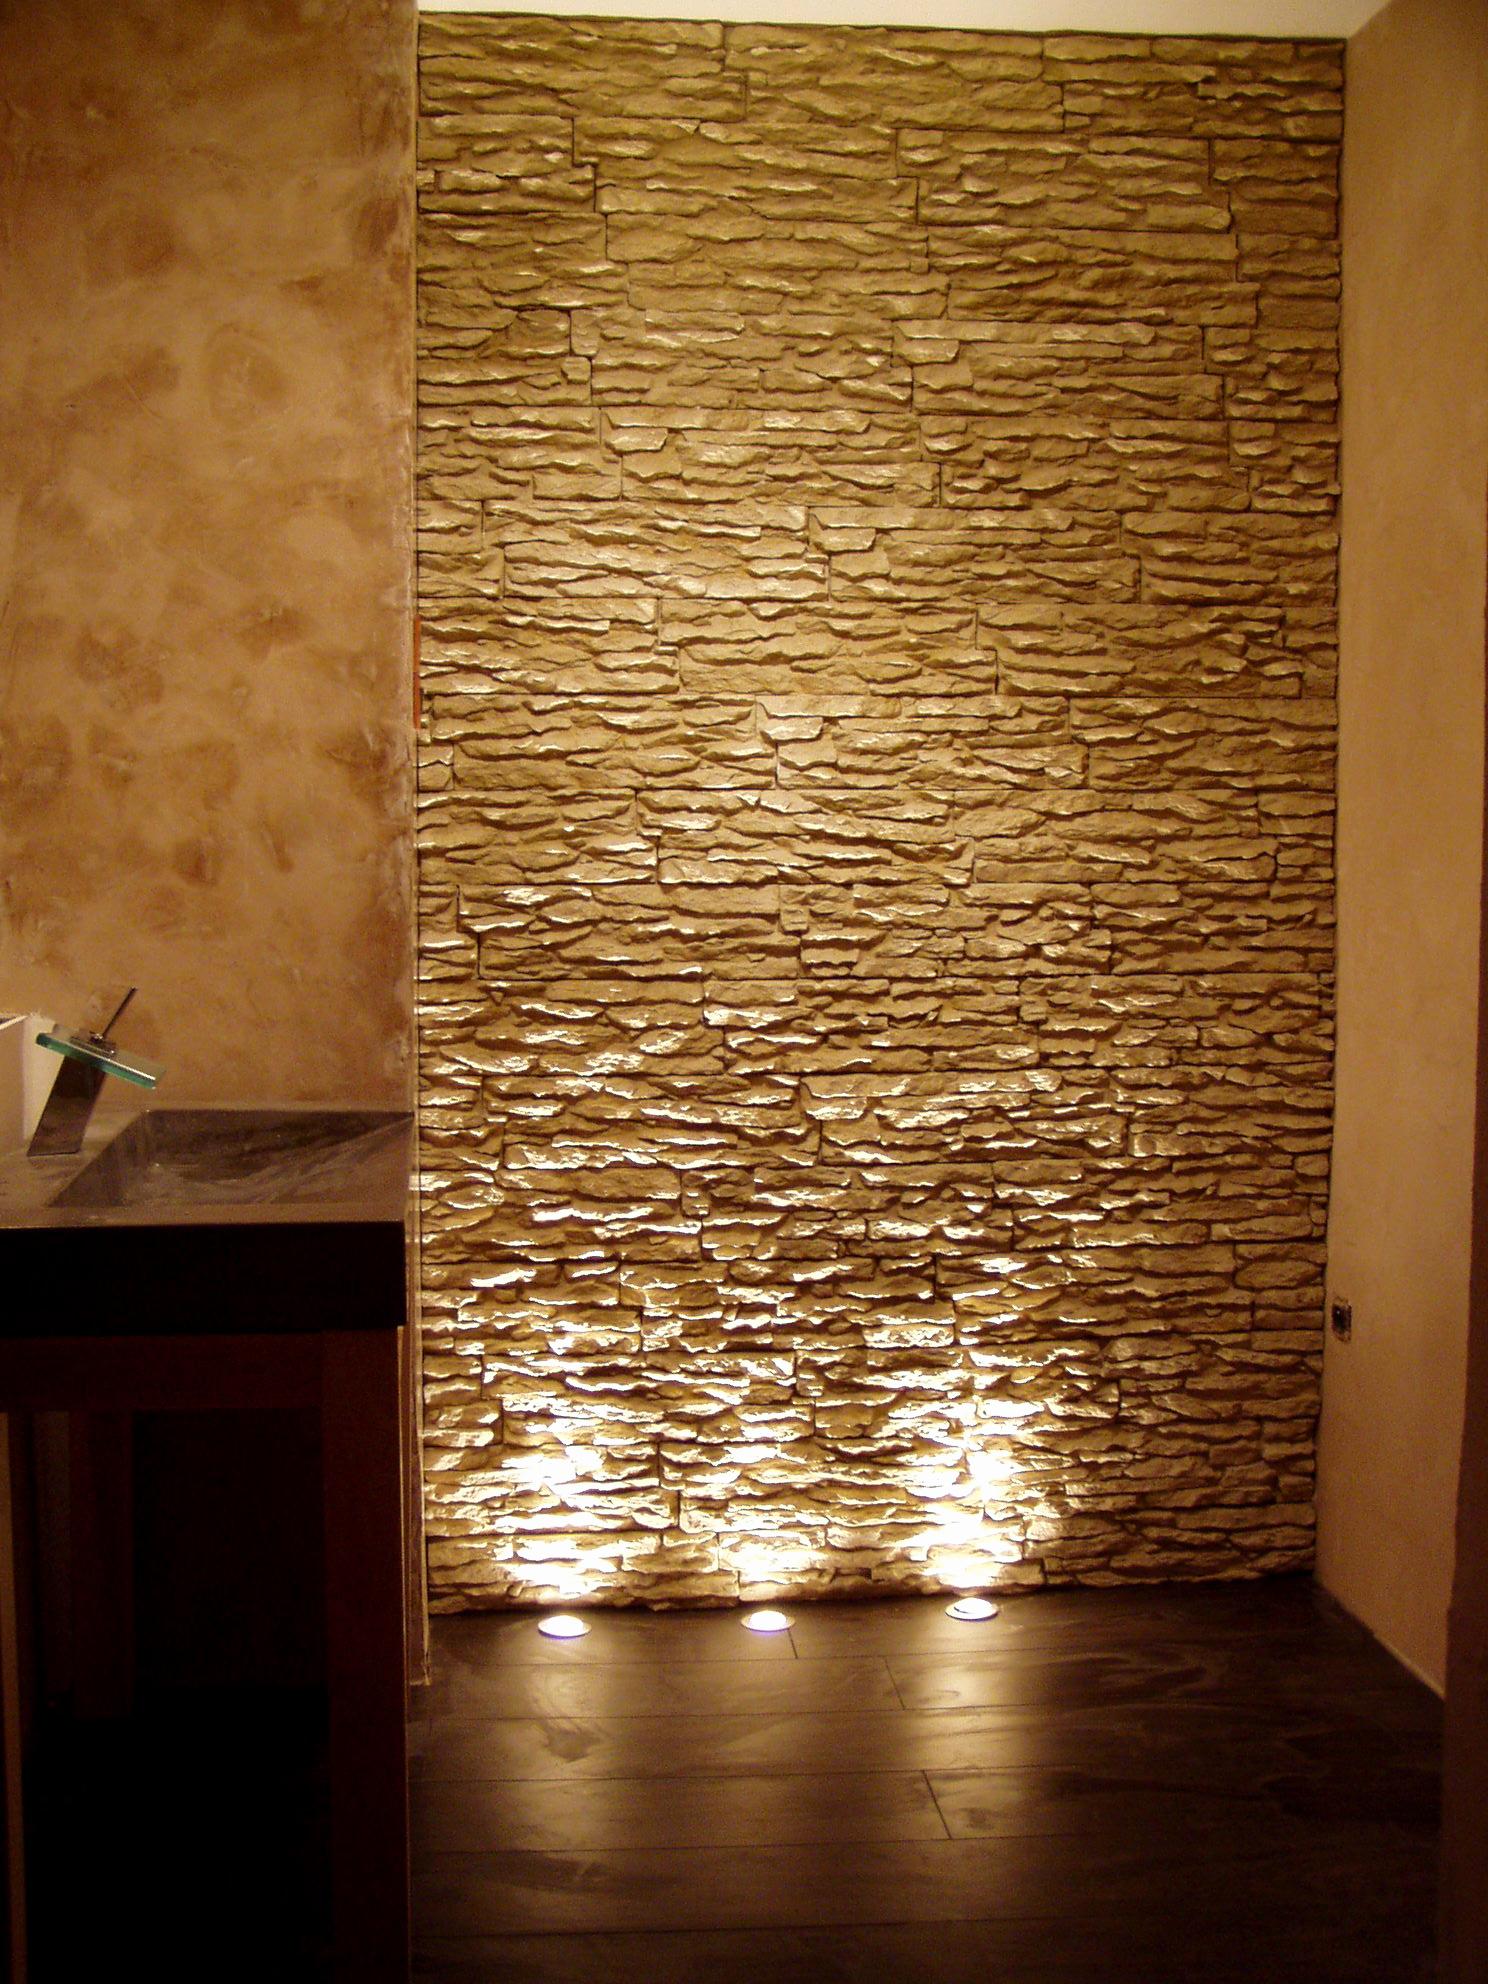 Castorama Vasque A Poser Impressionnant Photos Vasque  Poser Castorama Beau Vasque Poser Ovale 40—33 Cm Céramique